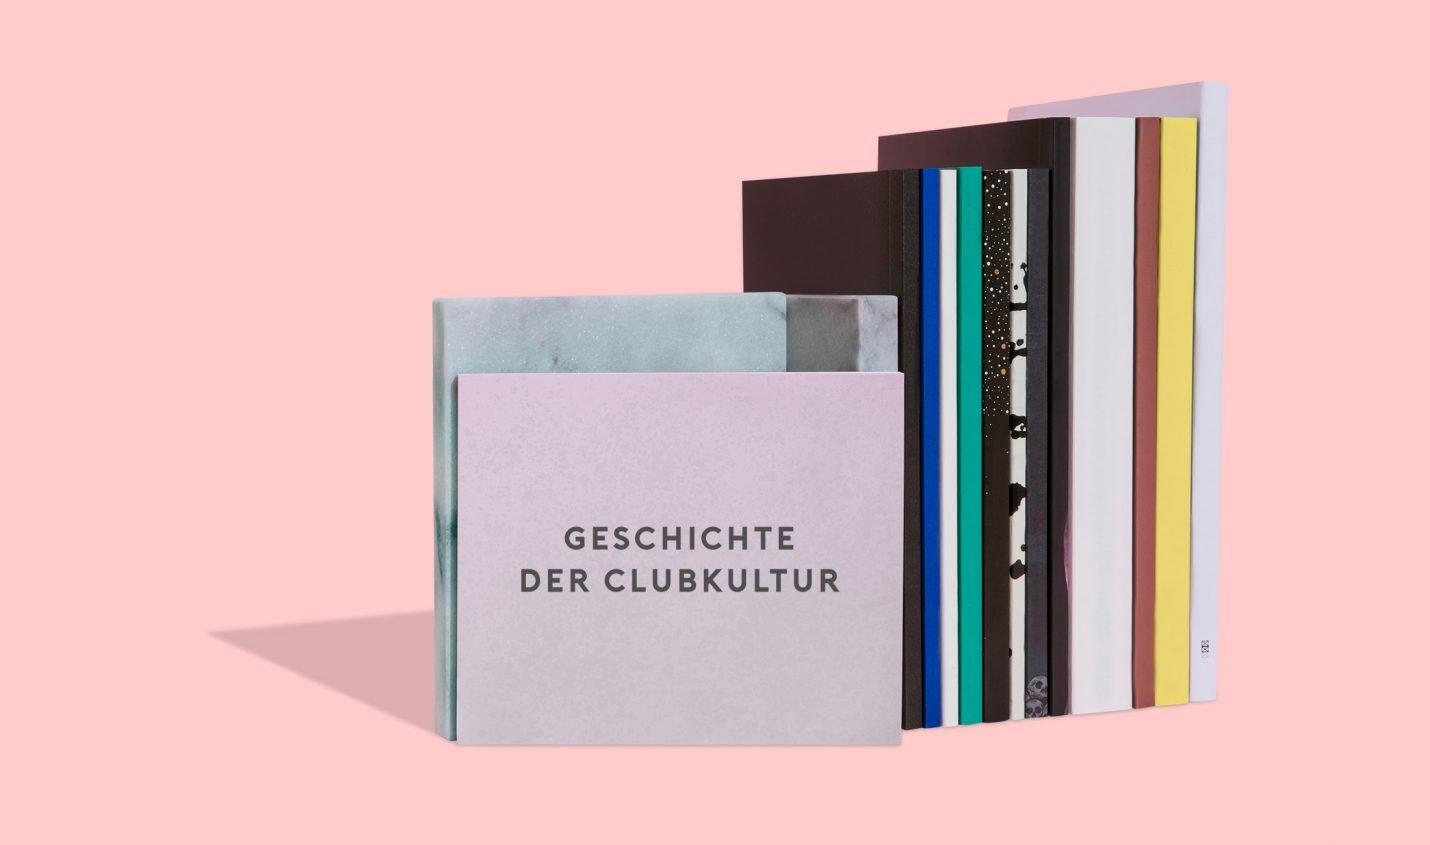 Literatur-Essentials: Die Geschichte der Clubkultur